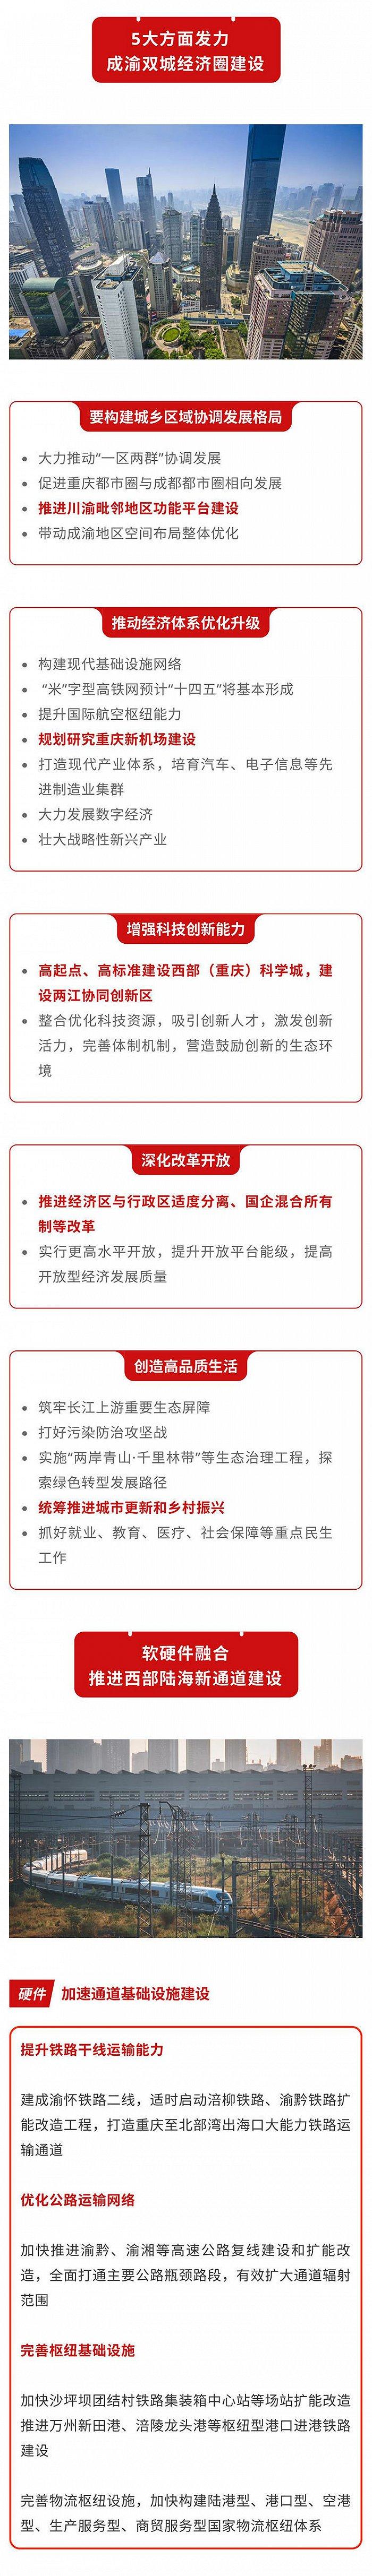 """重庆""""十四五"""" 规划干这些大事,官方解读来了"""